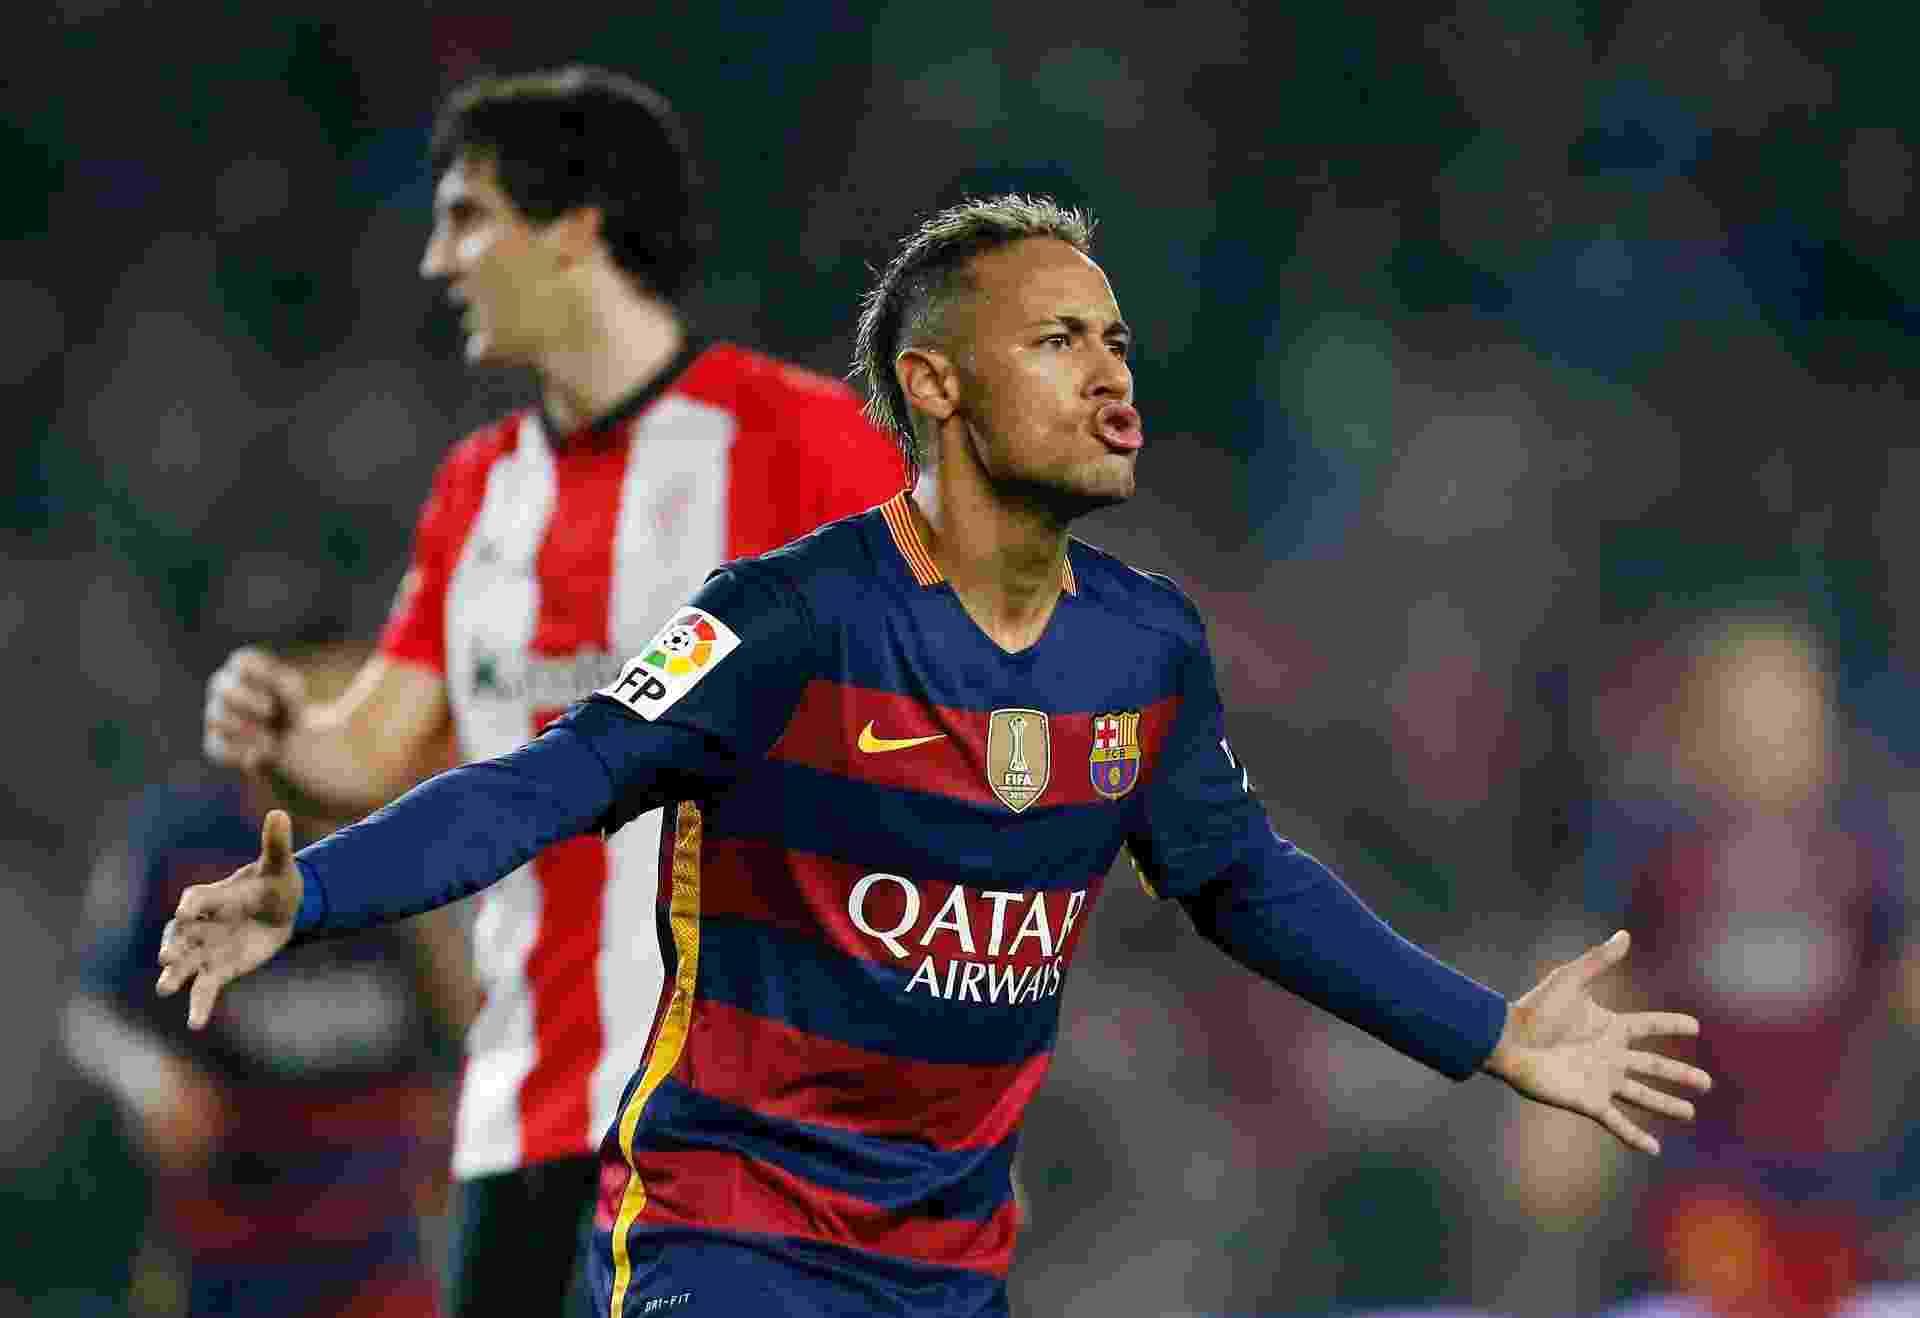 Neymar comemora gol contra o Athletic Bilbao em jogo válido pela Copa do Rei -  EFE/ Alejandro García